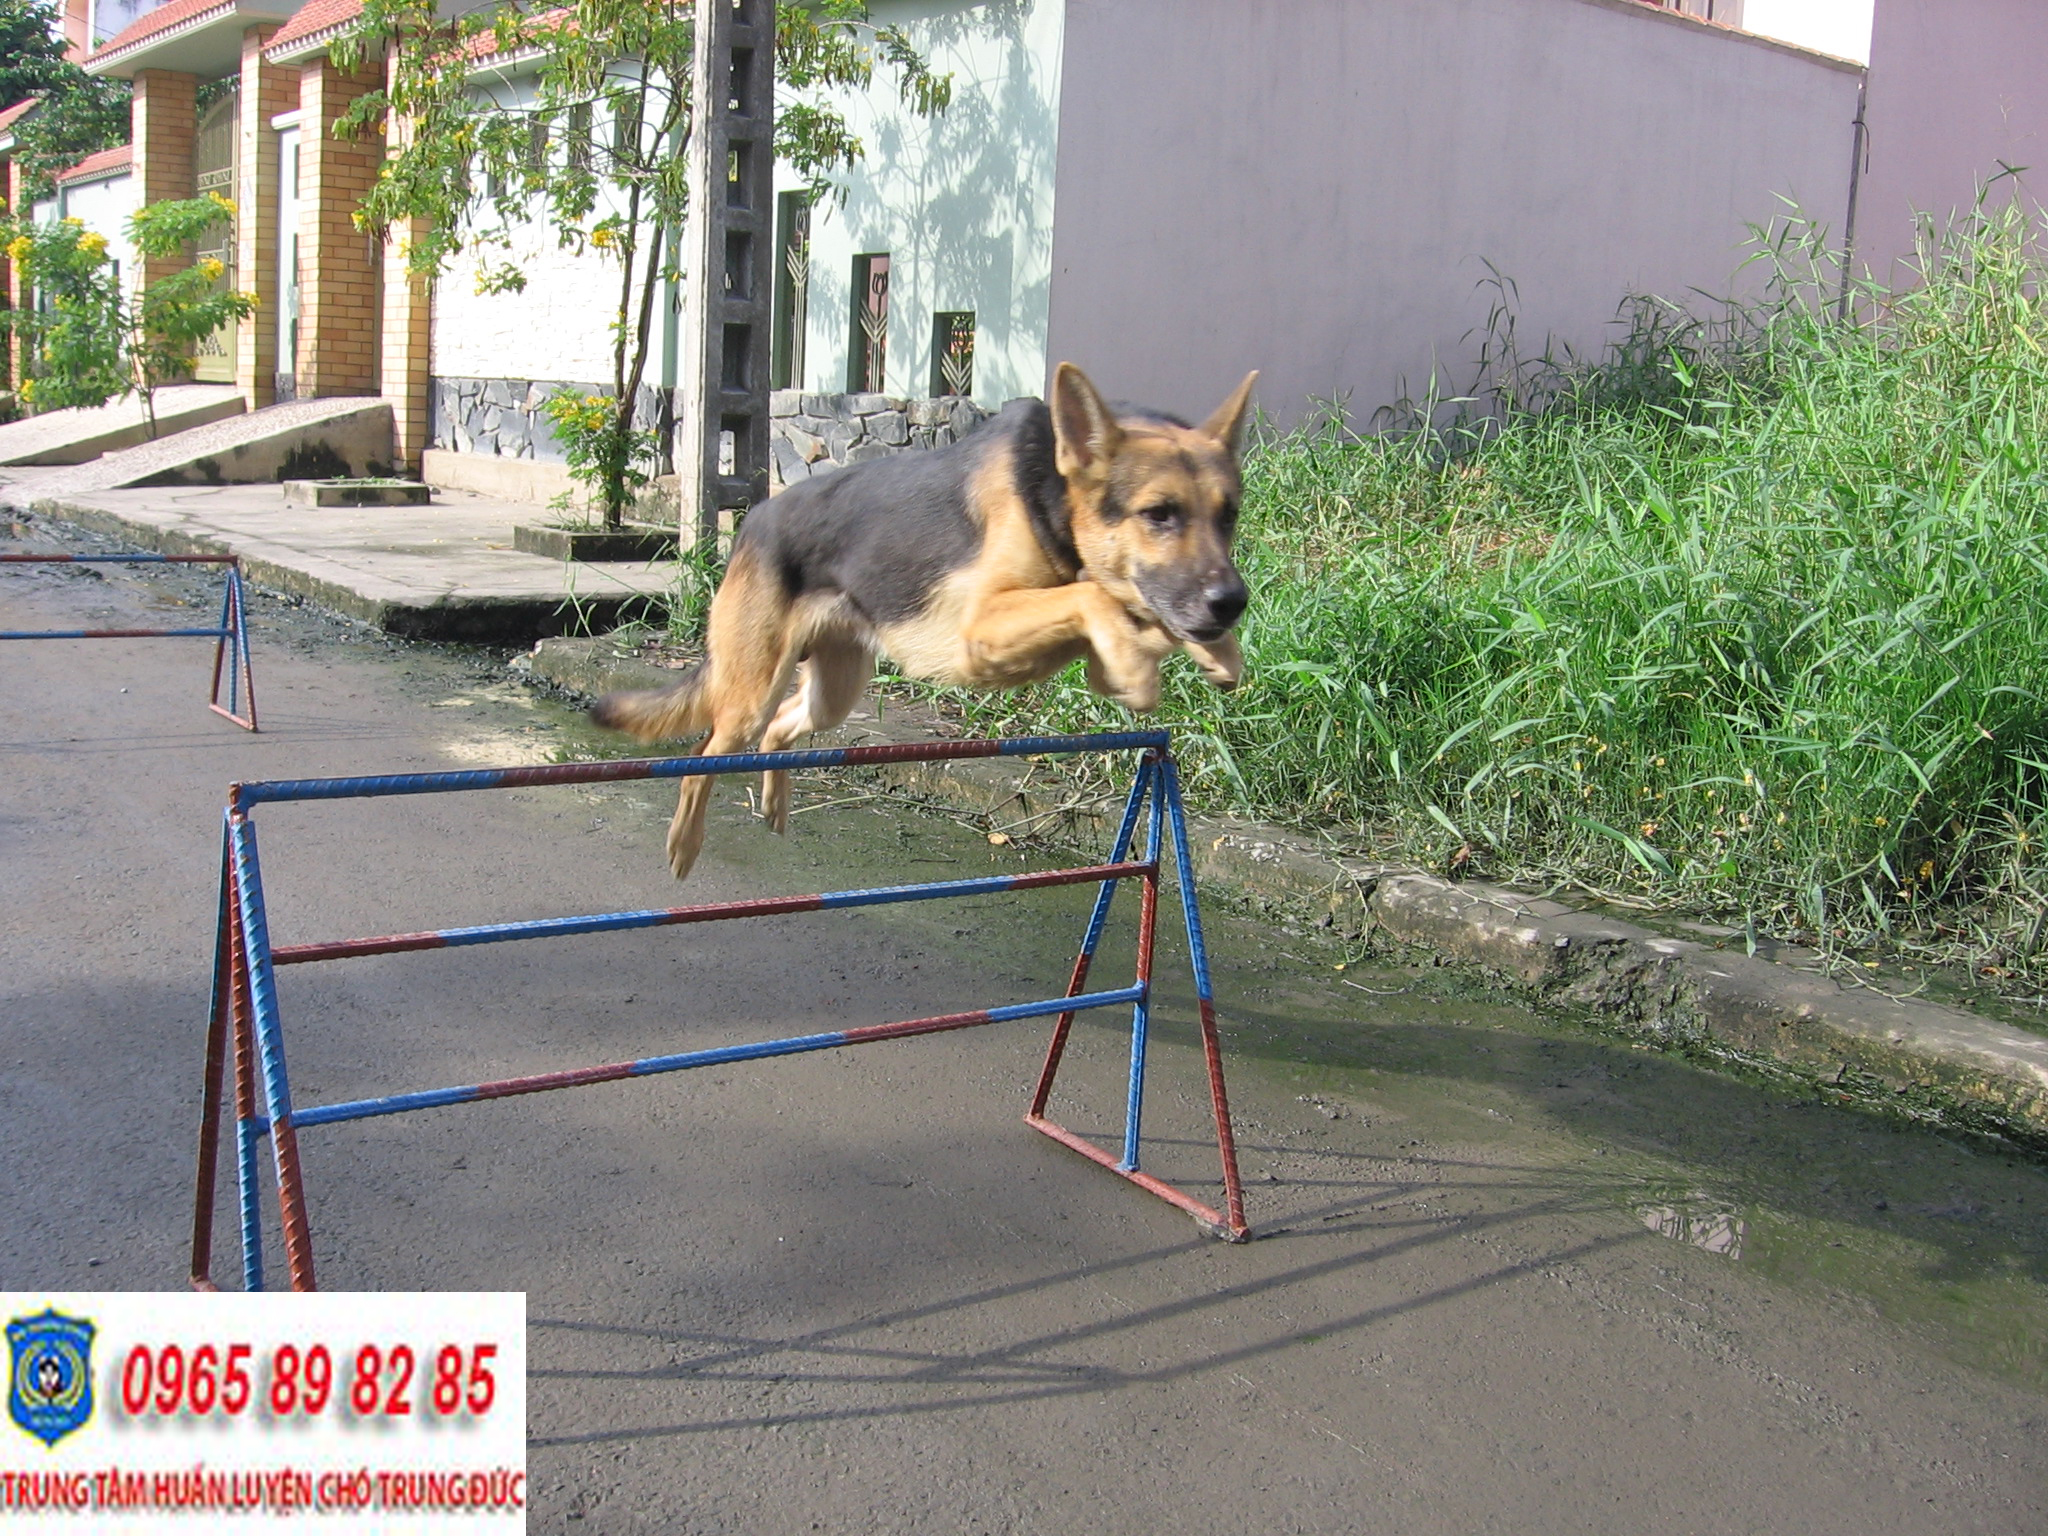 Trung tâm huấn luyện chó Quận Gò Vấp